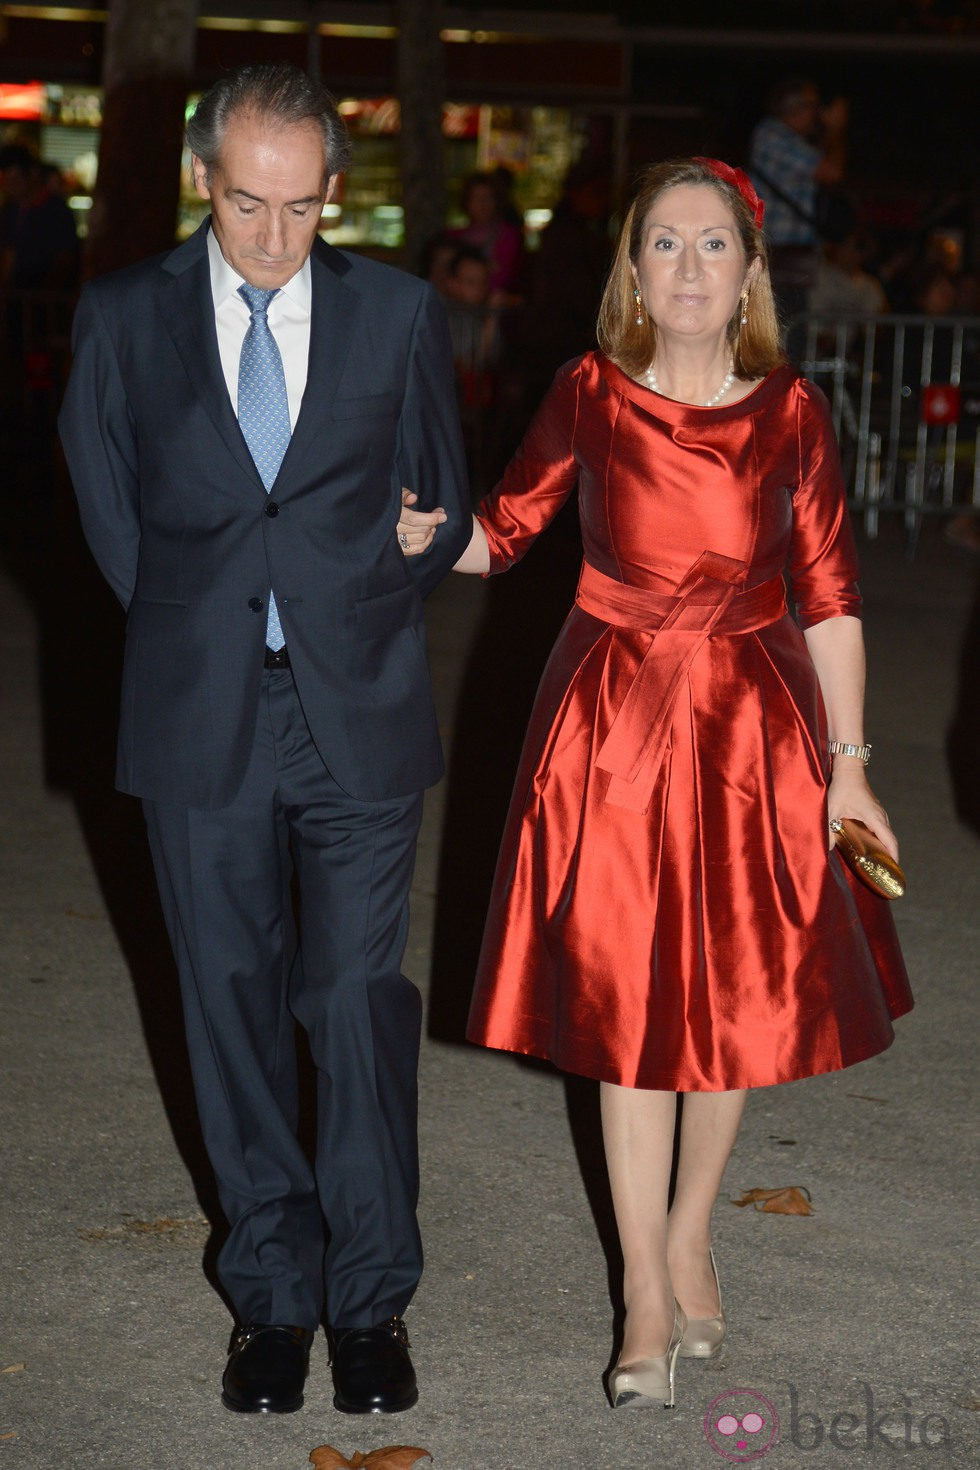 Ana Pastor y su marido durante la boda de Pablo Lara y Anna Brufau en Barcelona